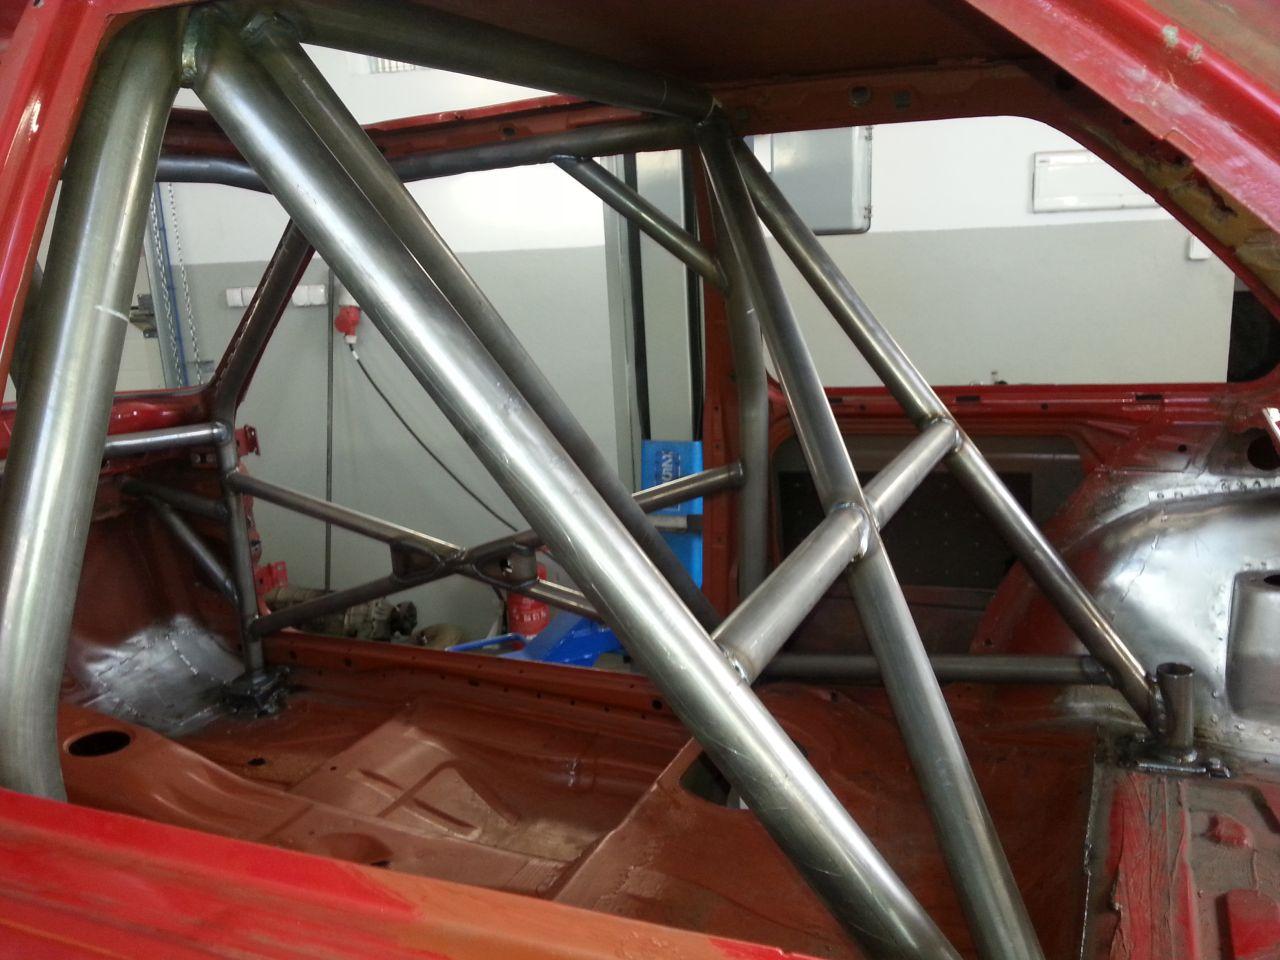 tylne elementy poprzeczne pałąka głównego oraz elementy do montażu pasów bezpieczeństwa